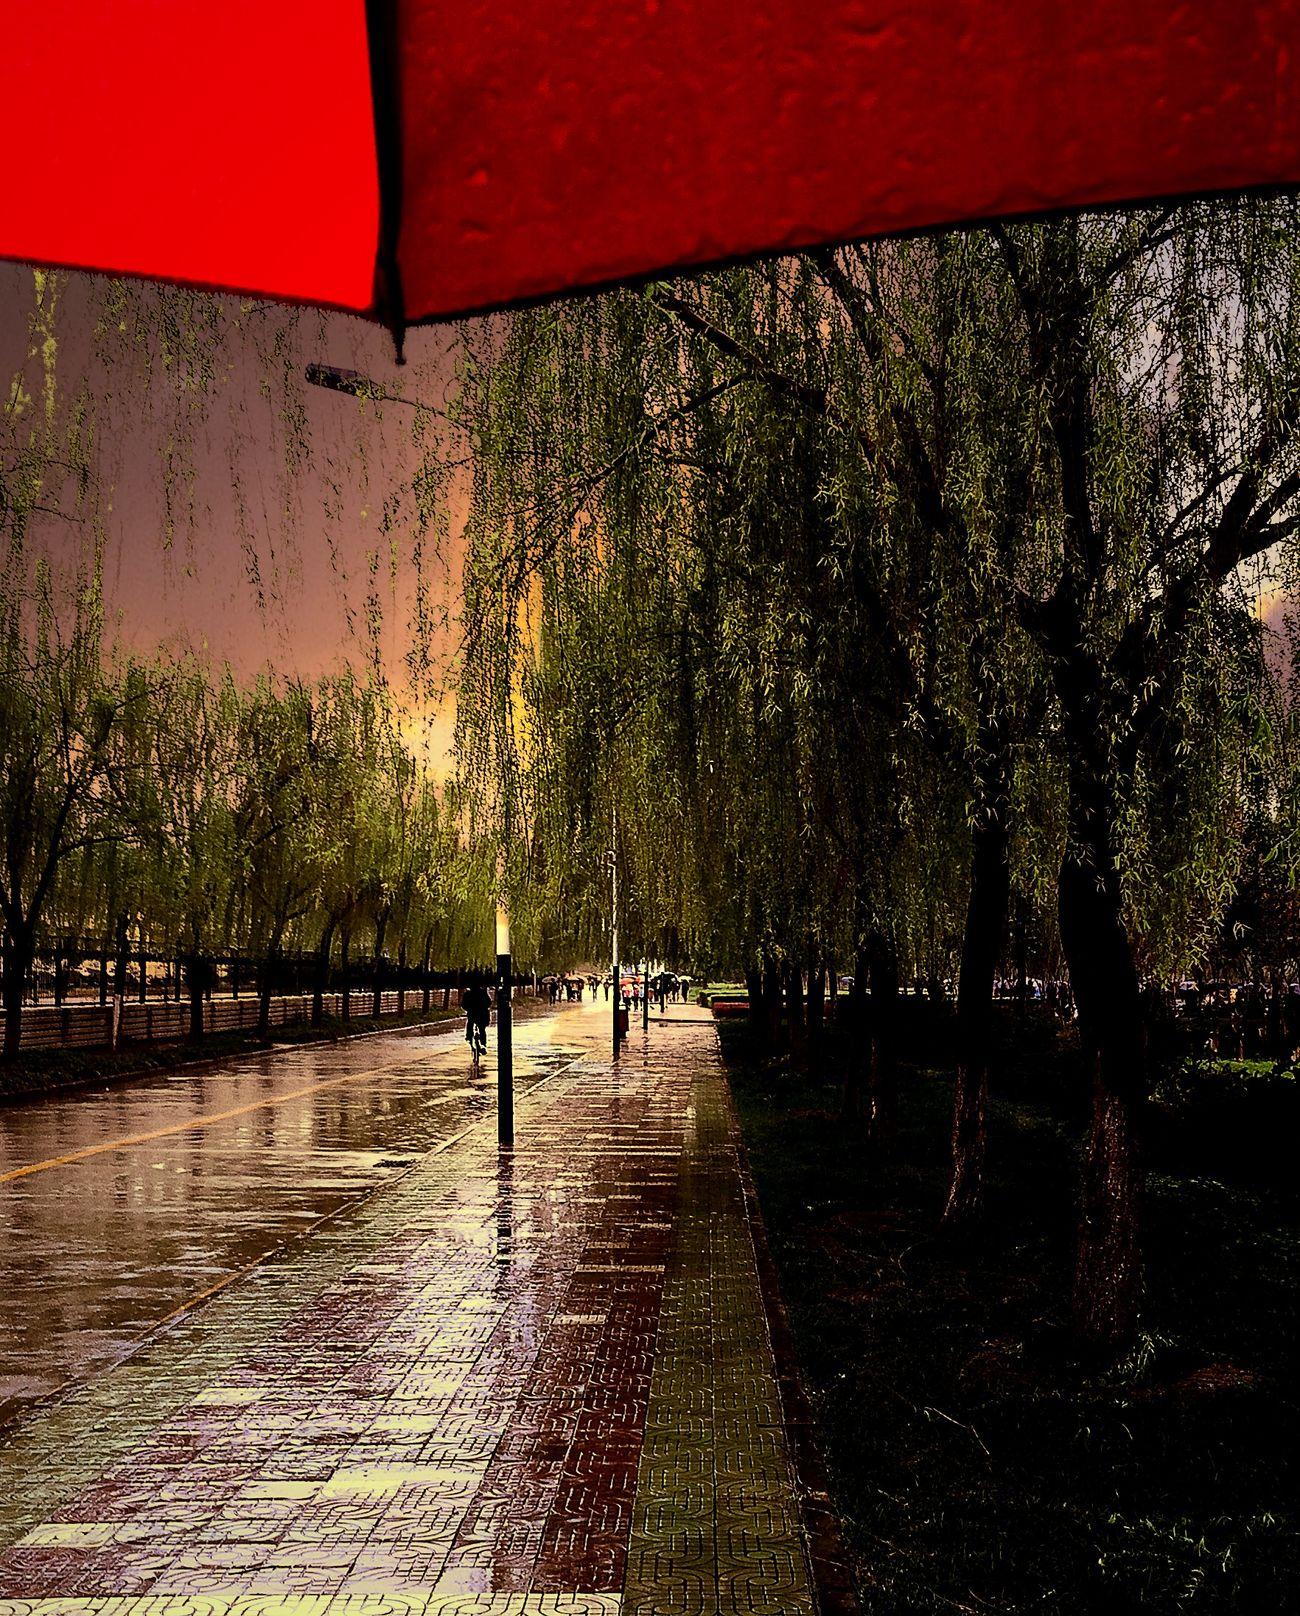 雨 Light